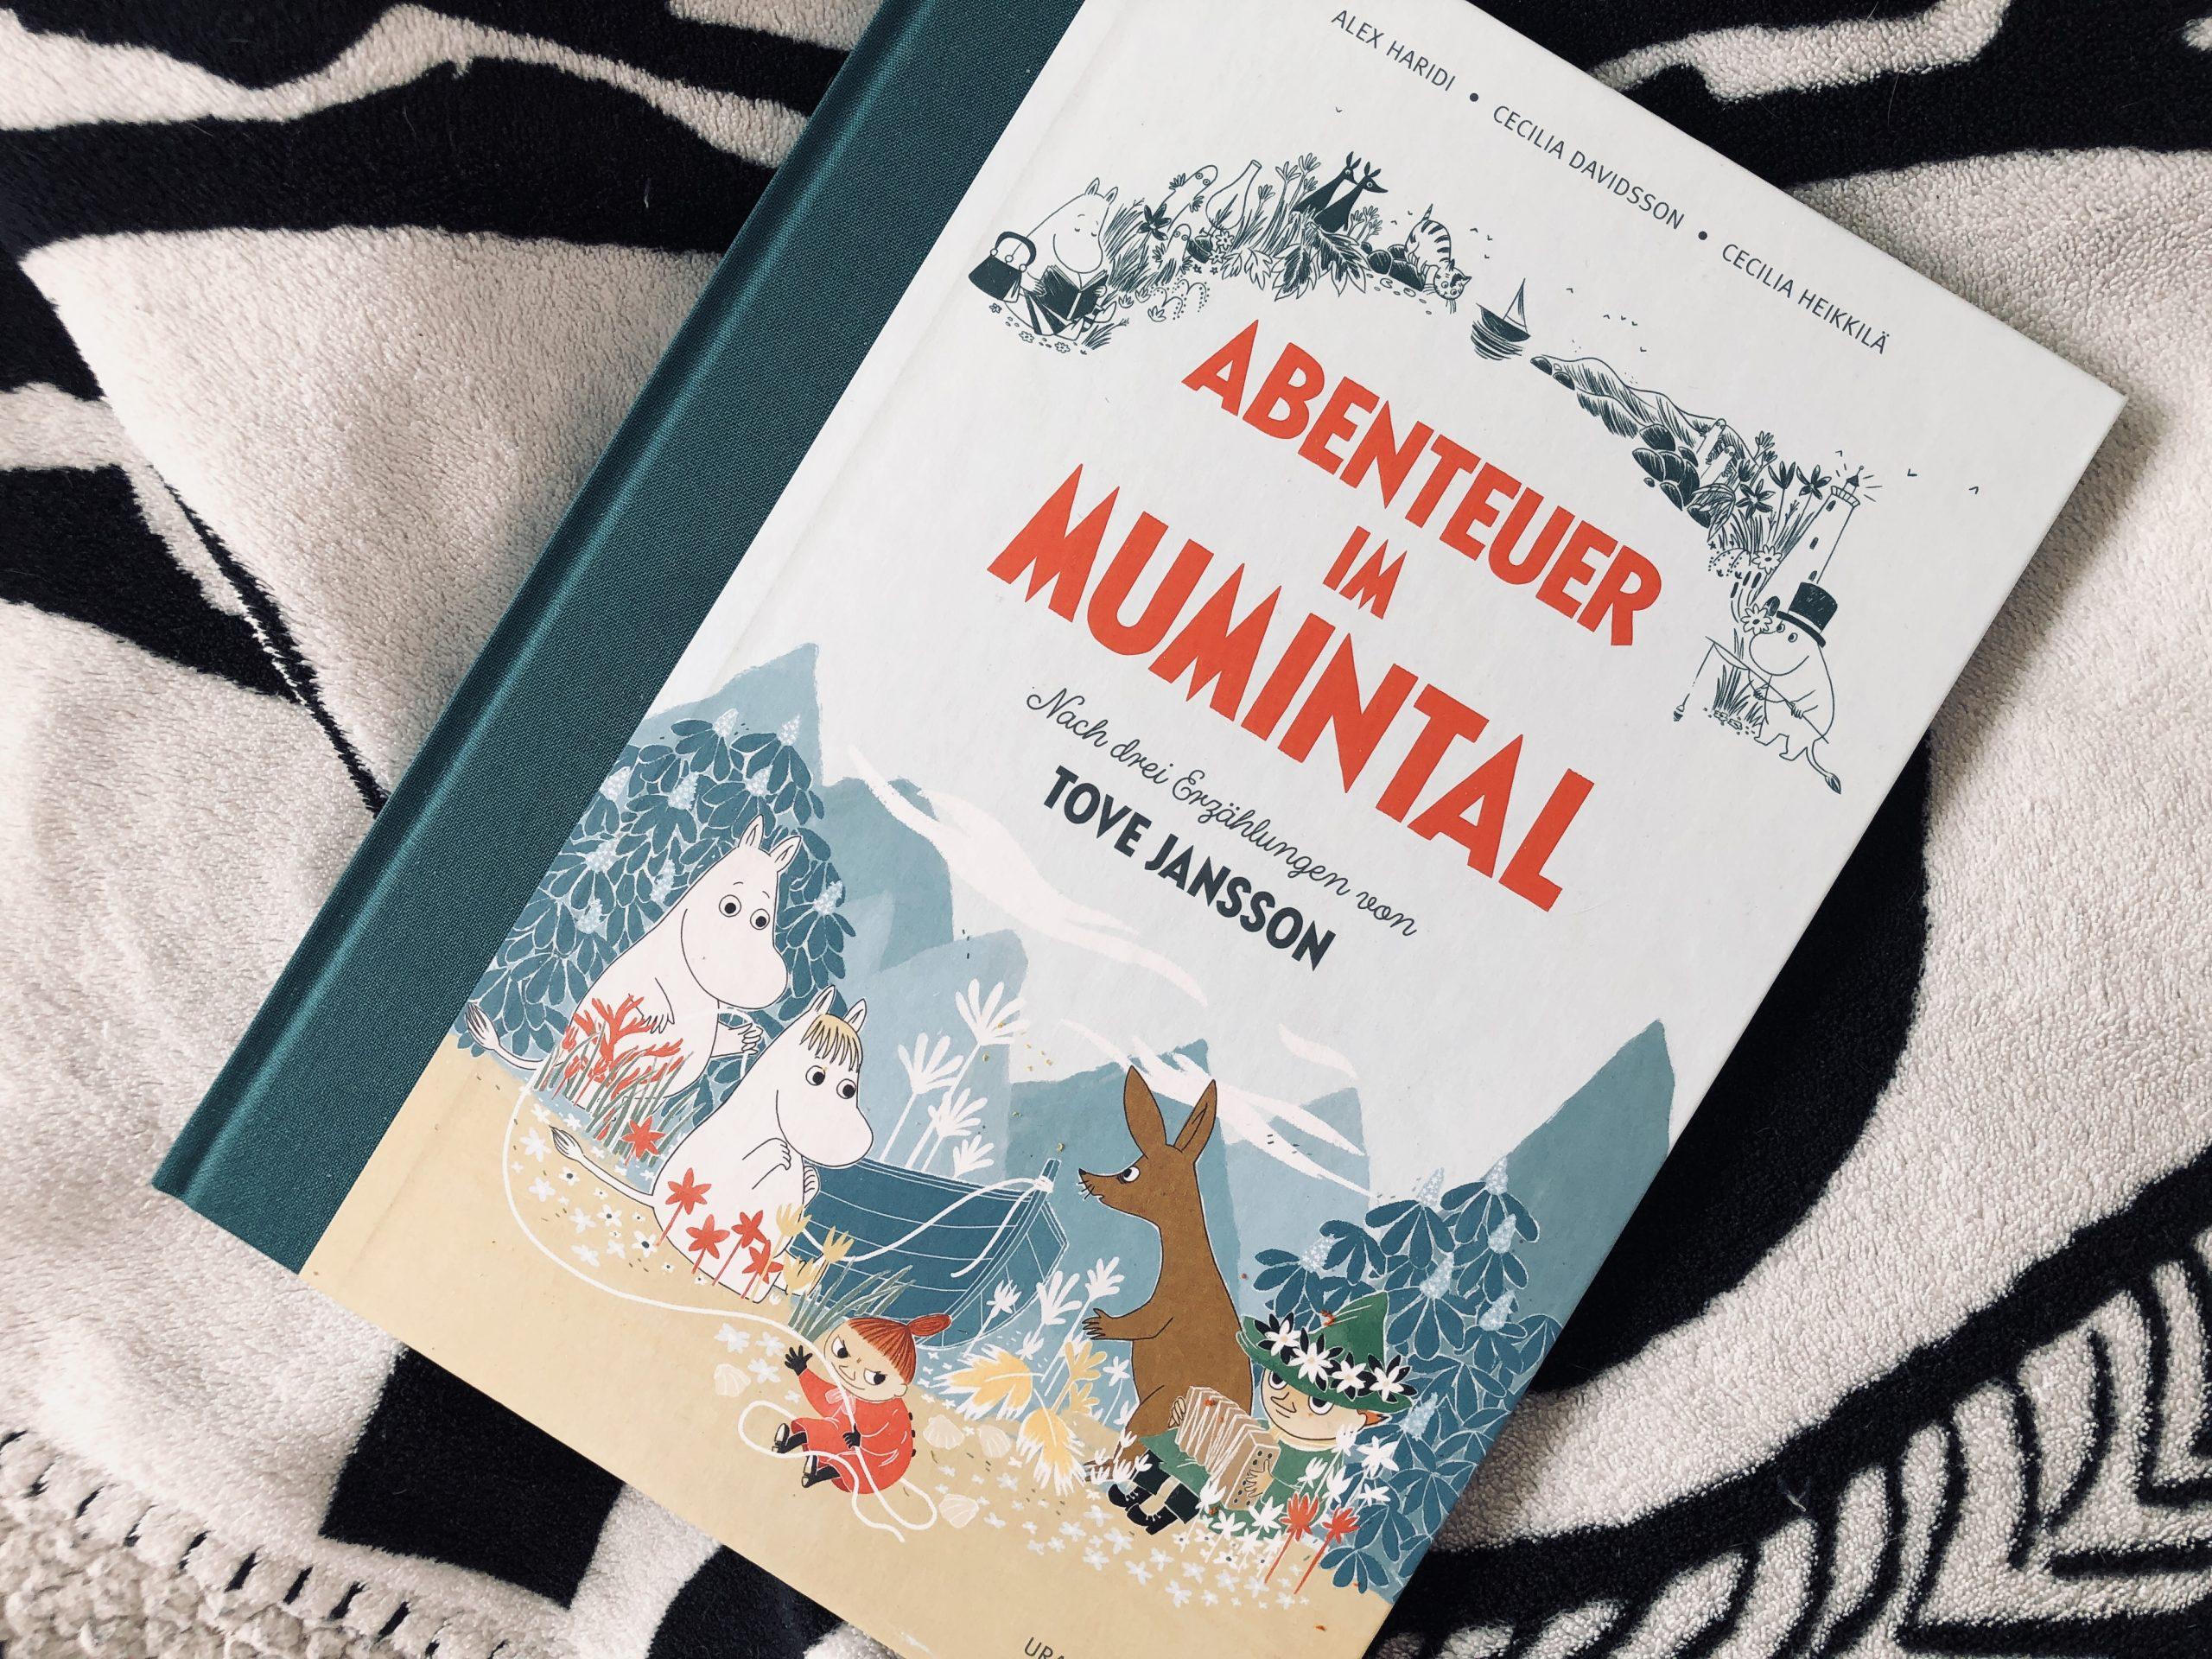 Abenteuer im Mumintal — Nach drei Erzählungen von Tove Jansson